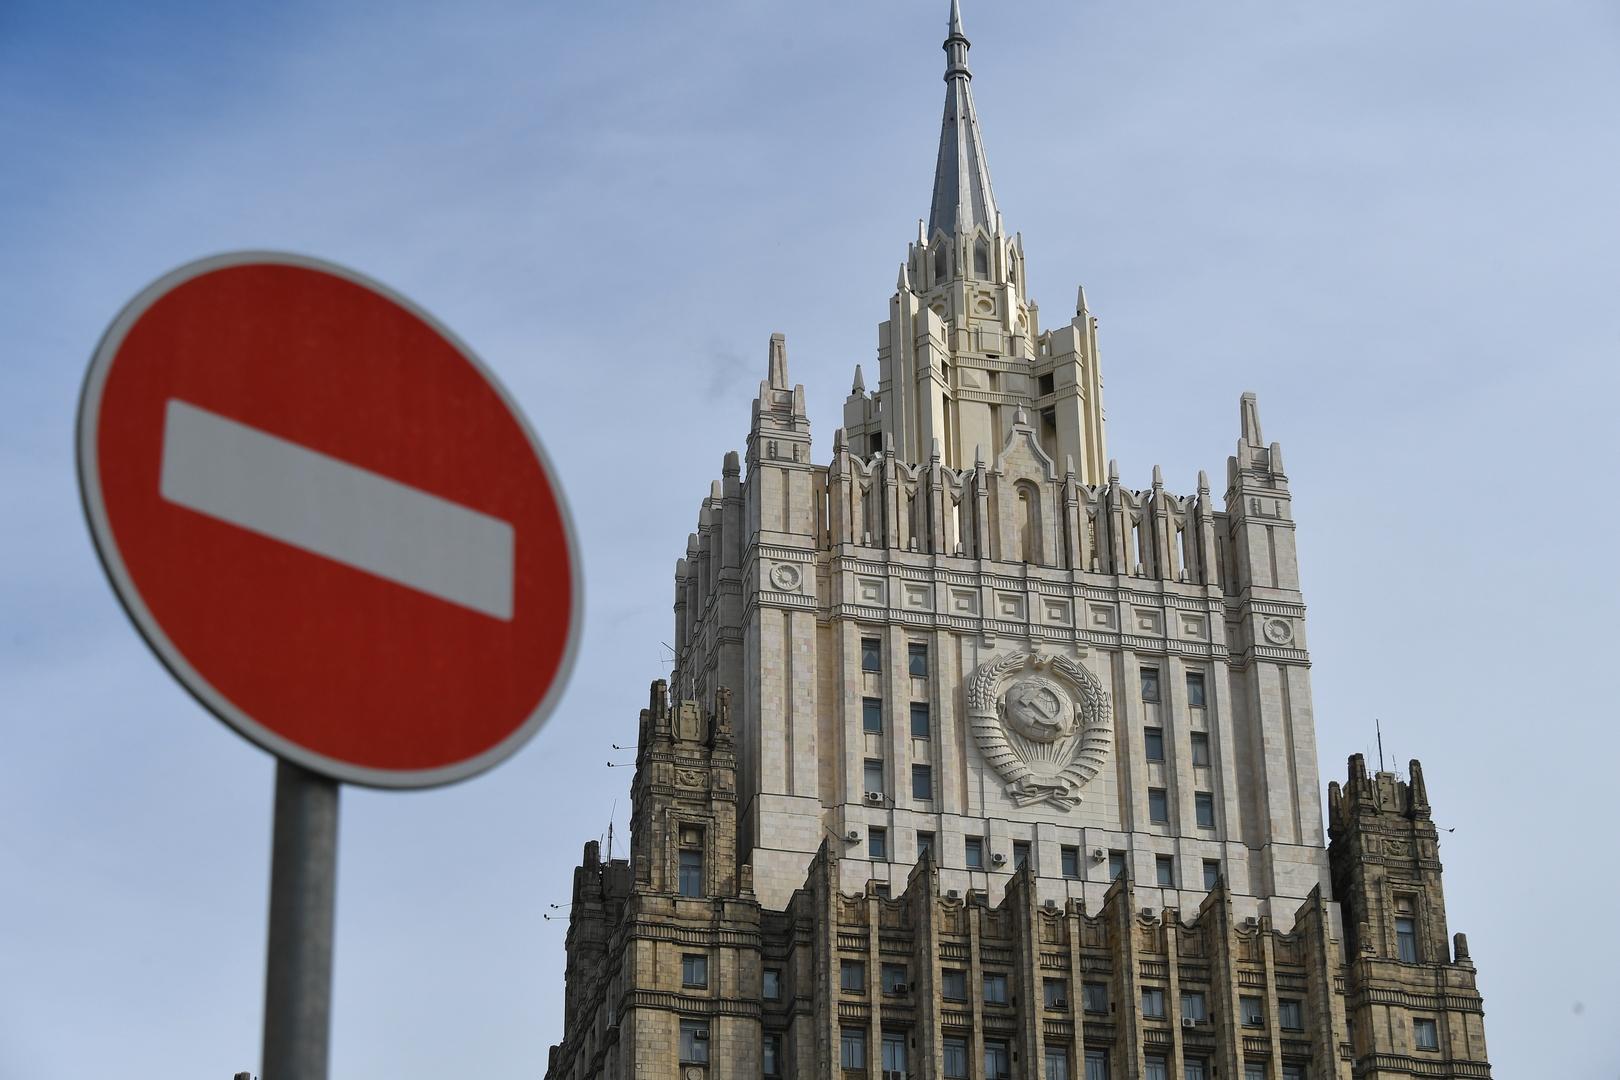 موسكو: نشر السفارة الأمريكية لمعلومات حول مظاهرات غير مرخصة تدخل في شؤوننا